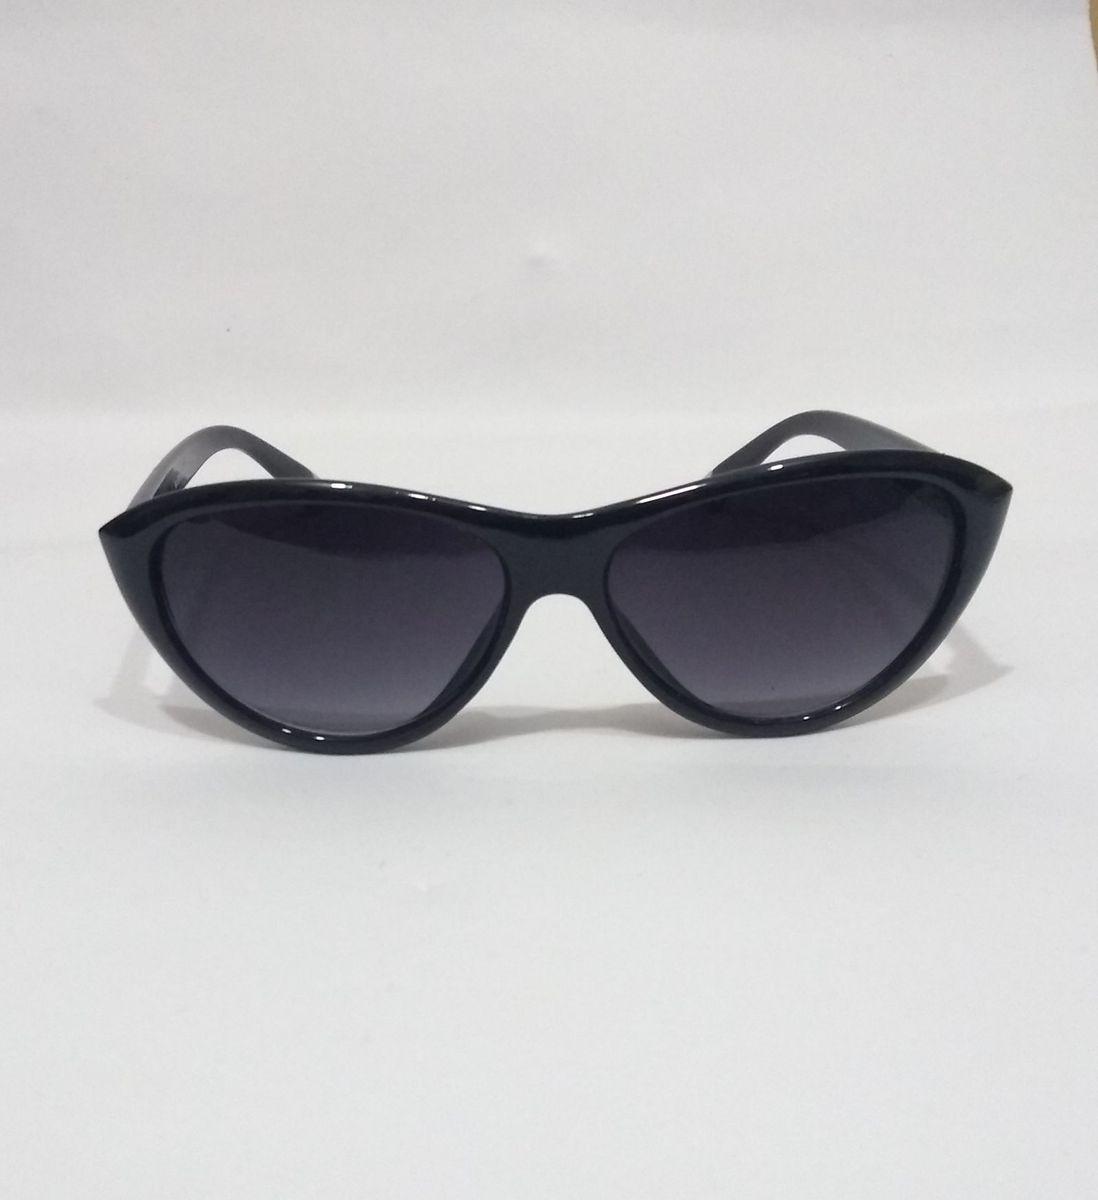 2850f593367fb óculos gatinho preto - óculos sem-marca.  Czm6ly9wag90b3muzw5qb2vplmnvbs5ici9wcm9kdwn0cy81mjkymdq2l2vmythhzjliztgwztmyytzlywi5ywm1n2yynwfkn2uxlmpwzw  ...